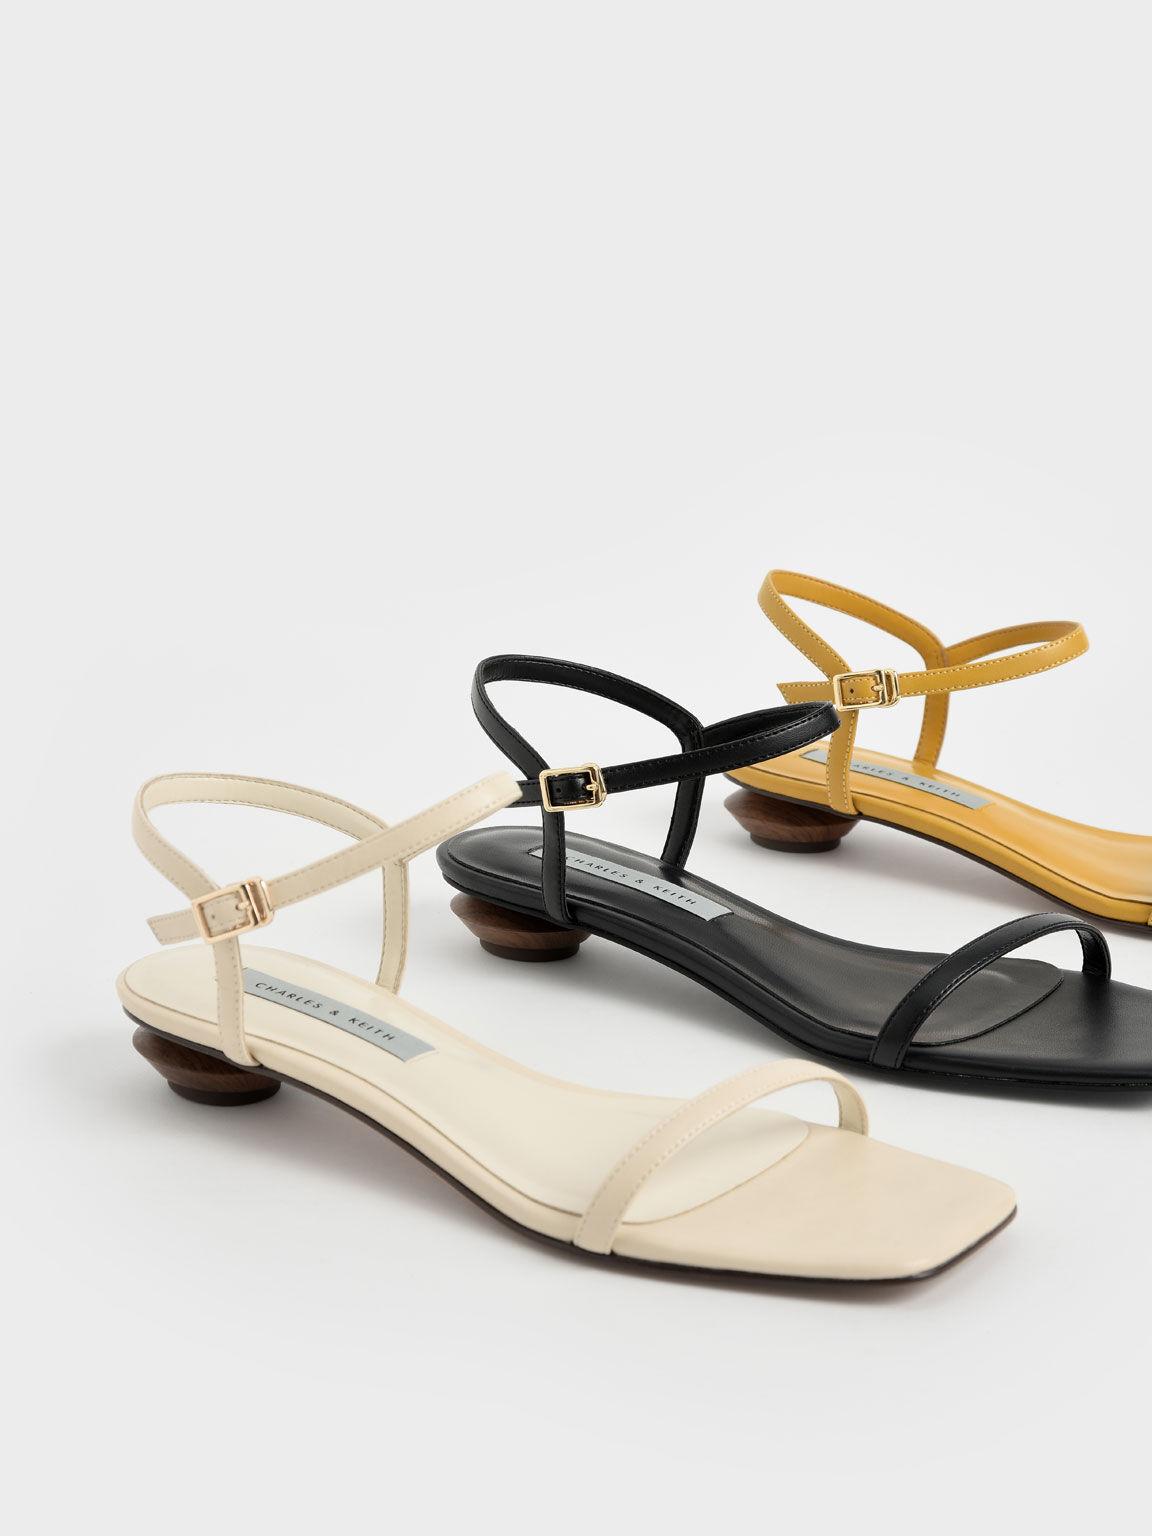 Sandal Sculptural Heel Ankle Strap, Black, hi-res